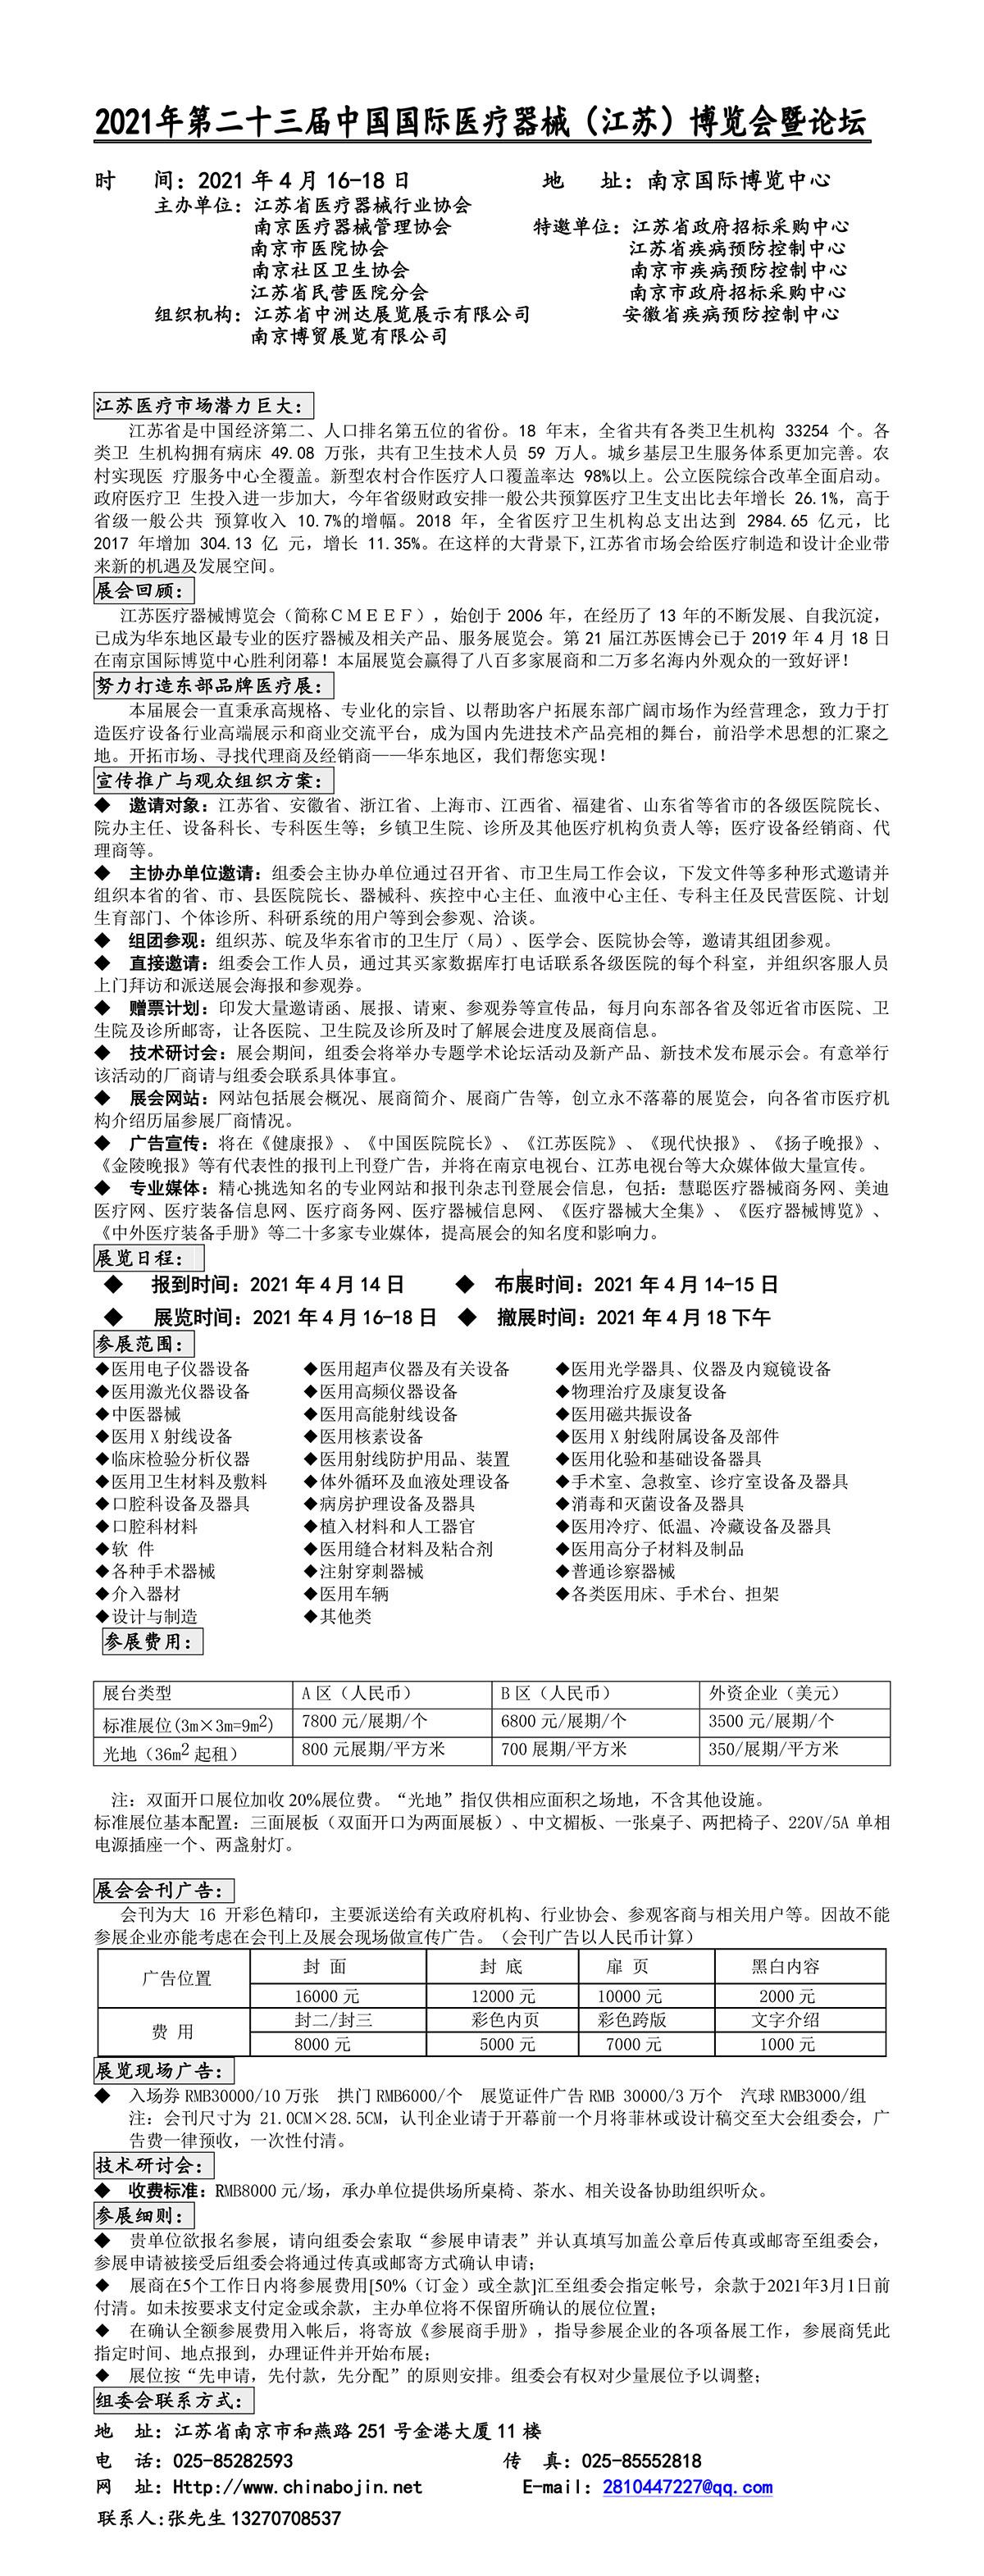 2021第23届中国国际医疗器械(江苏)博览会暨论坛-1.jpg